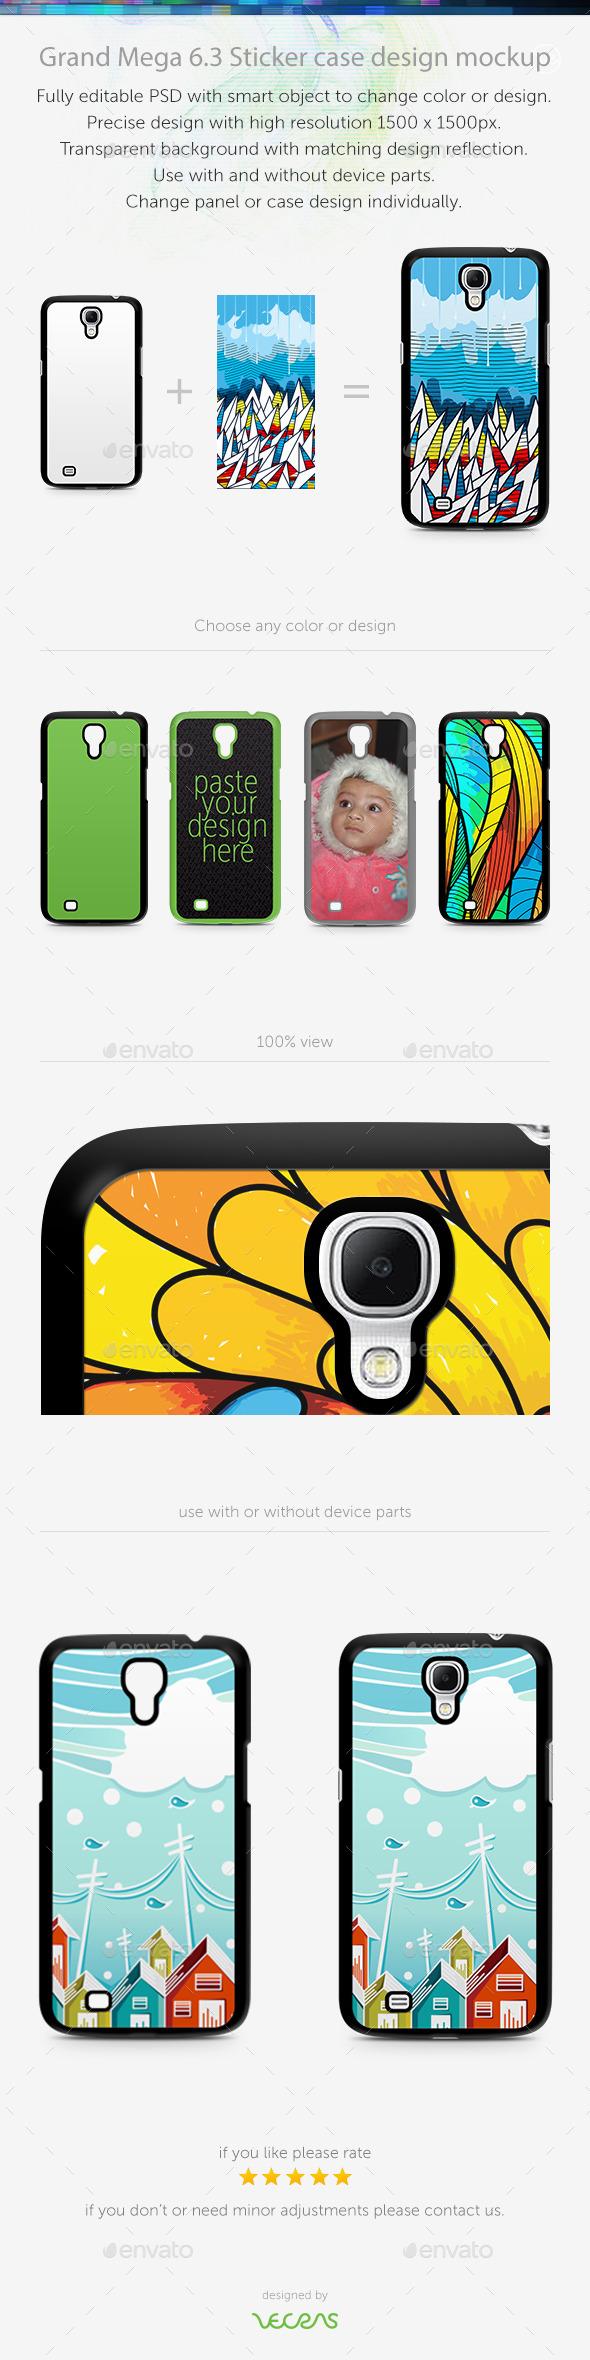 GraphicRiver Grand Mega 6.3 Sticker Case Design Mockup 10400461